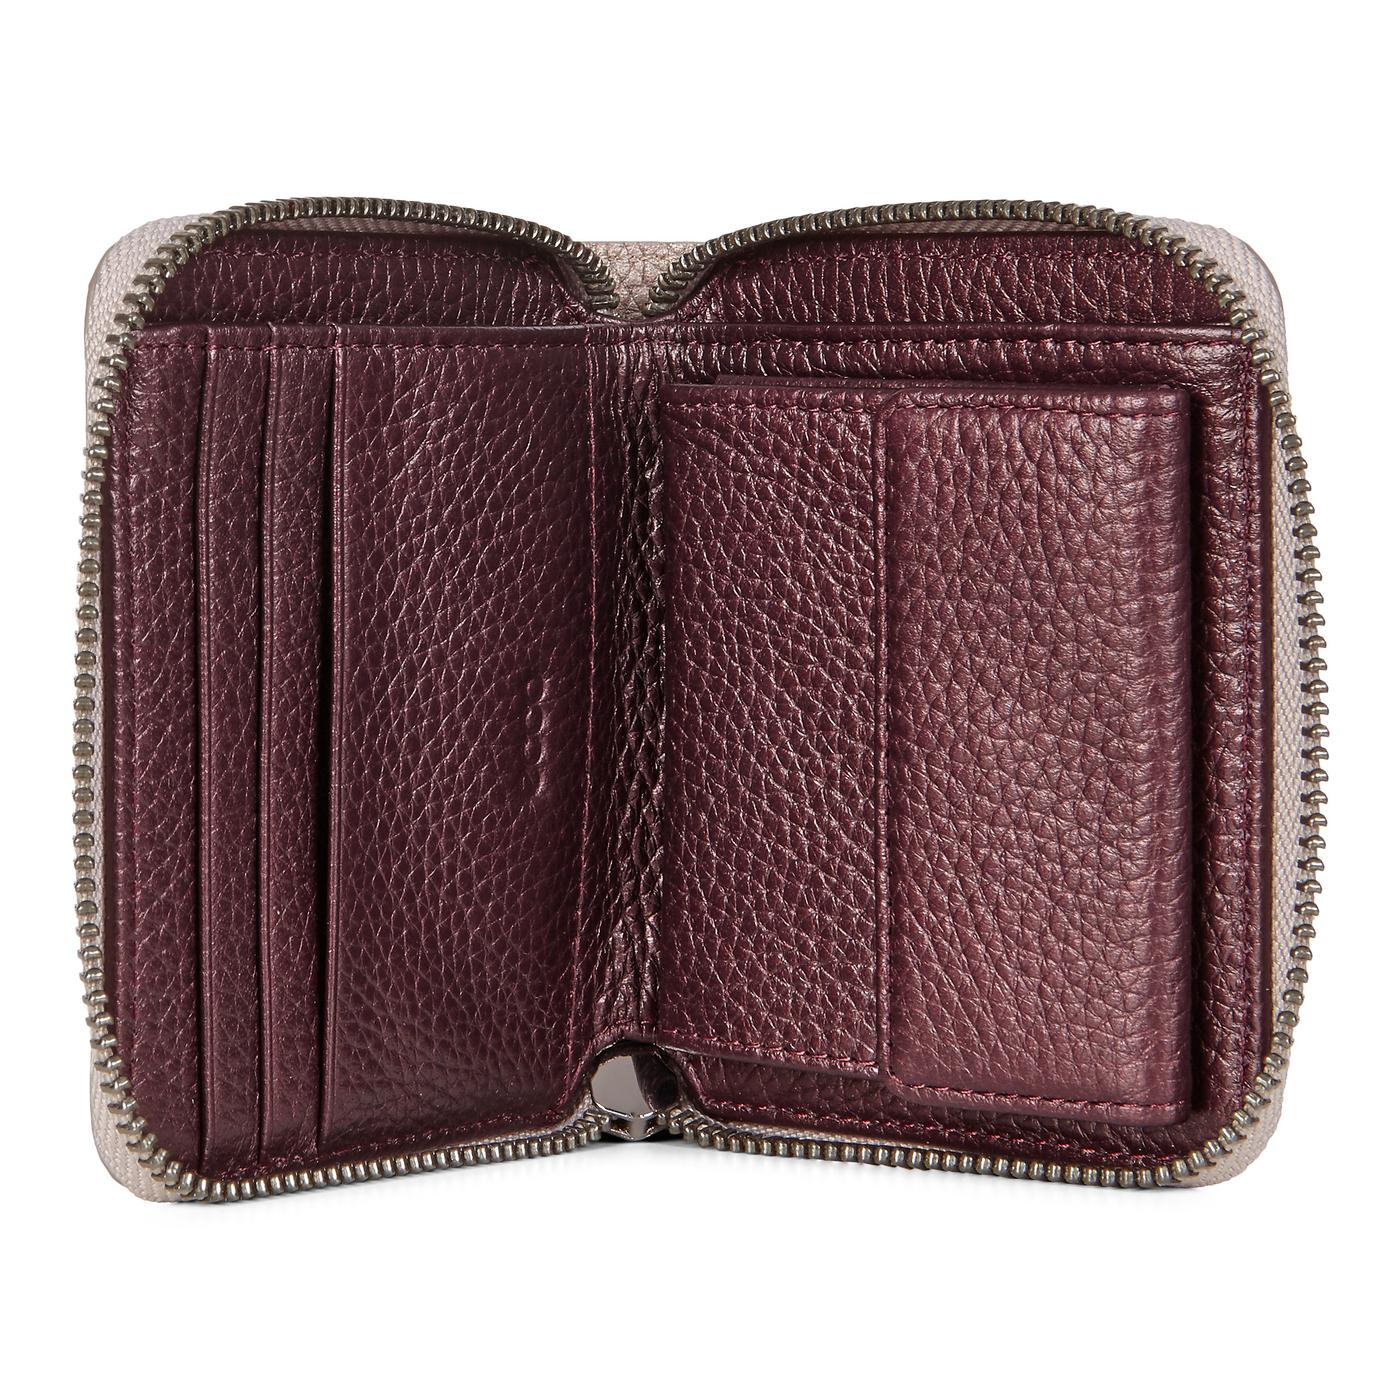 ECCO SP3 Metallic Small Zip Around Wallet